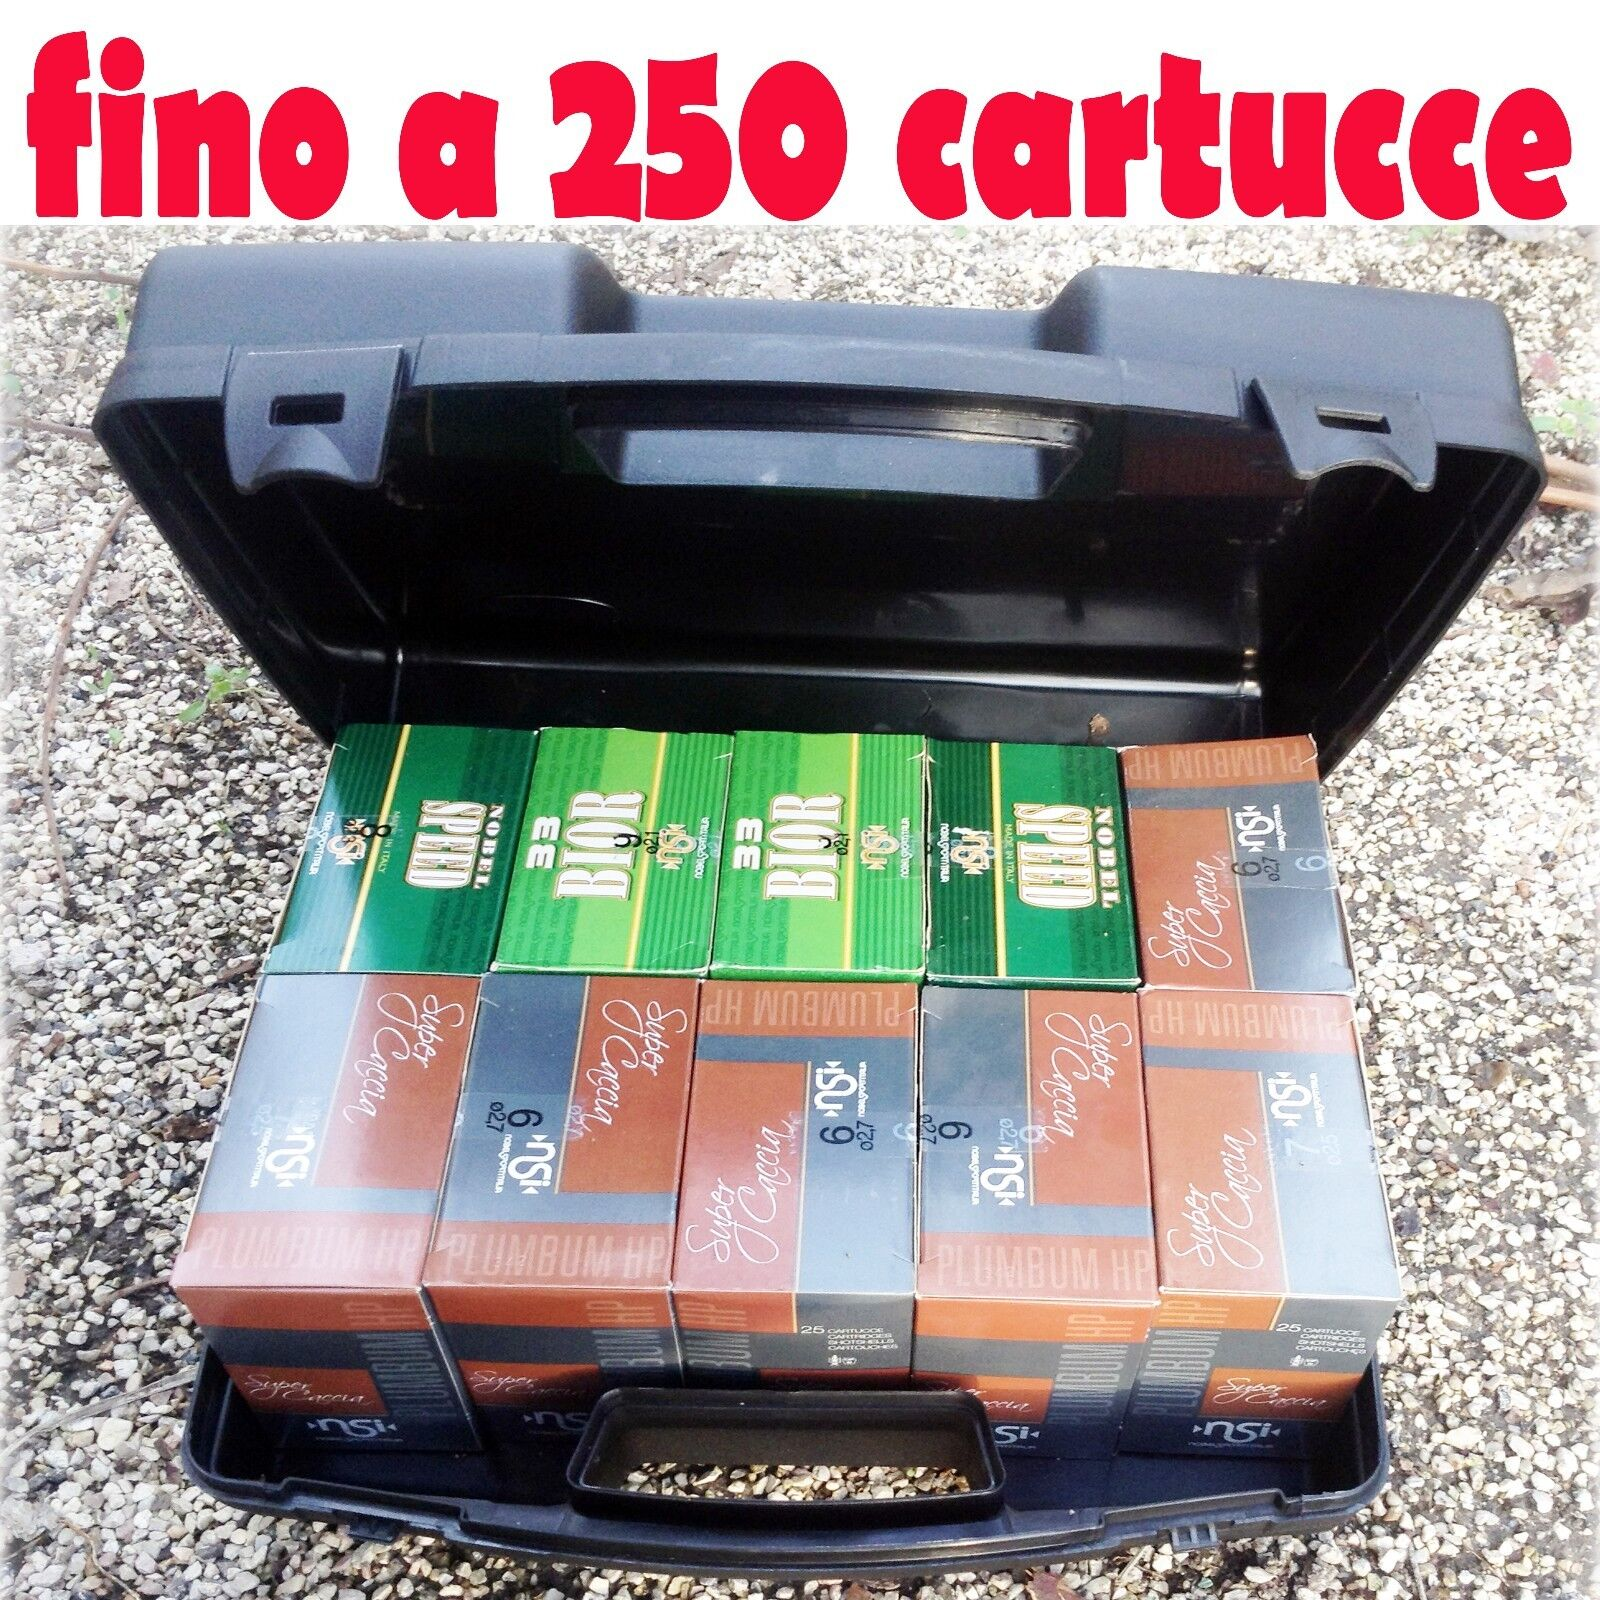 Valigetta in plastica porta cartucce portacartucce borsa per tiro a volo caccia